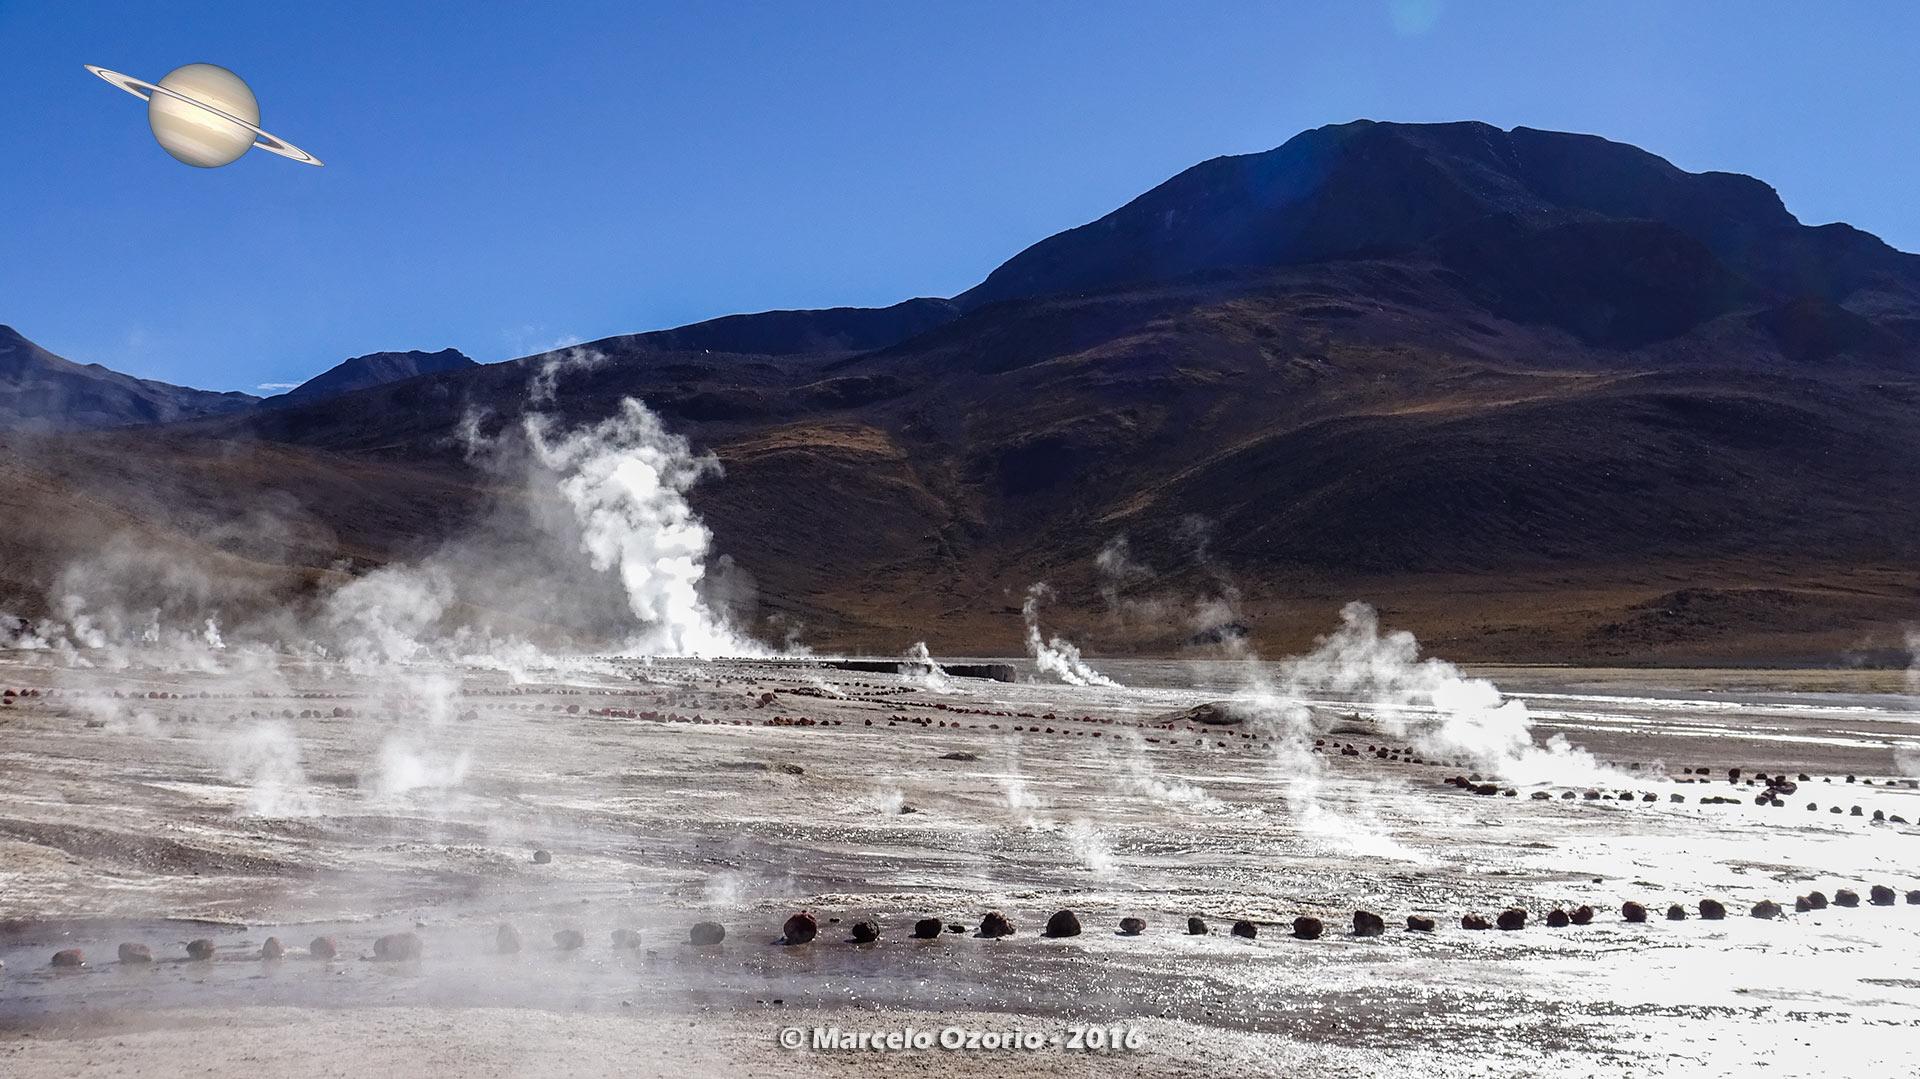 el tatio geysers atacama desert 35 - The Surreal El Tatio Geysers - Atacama Desert - Chile